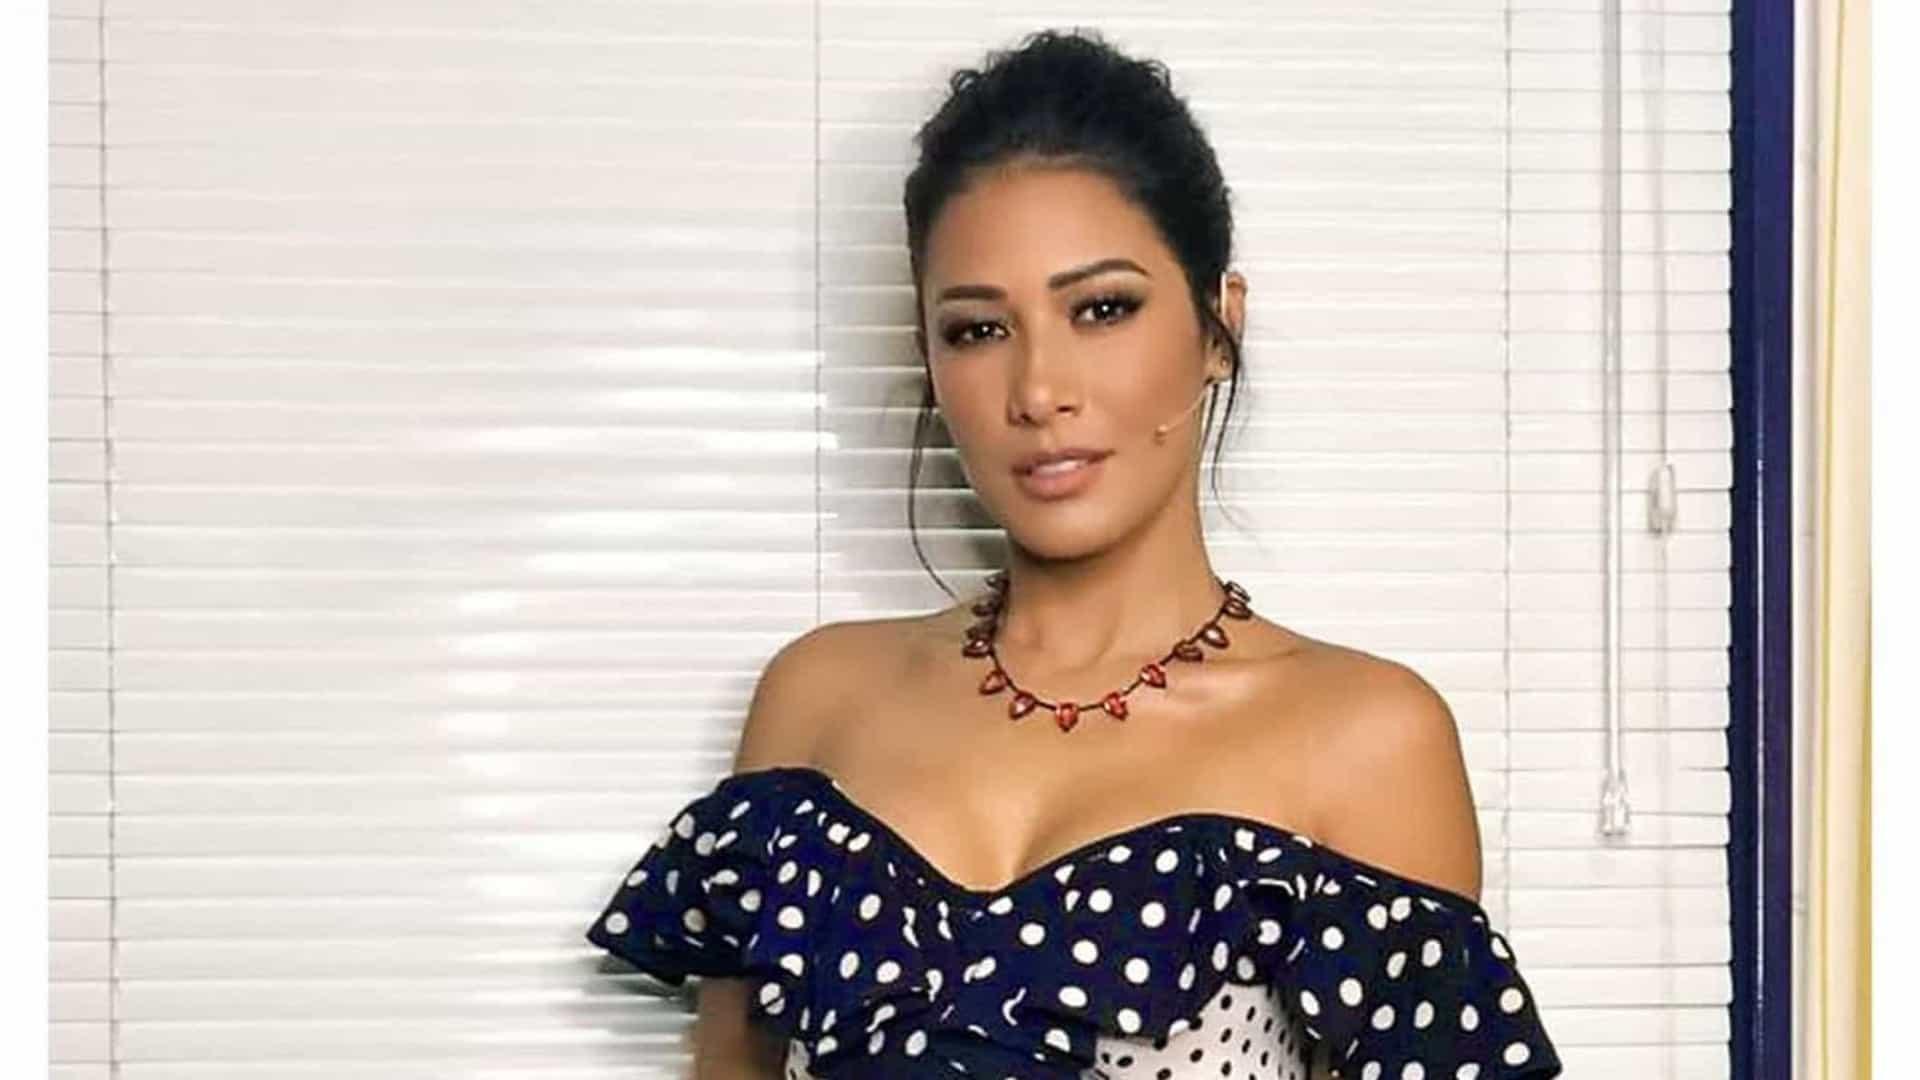 Fã é preso por planejar atentado contra cantoras Simone e Simaria